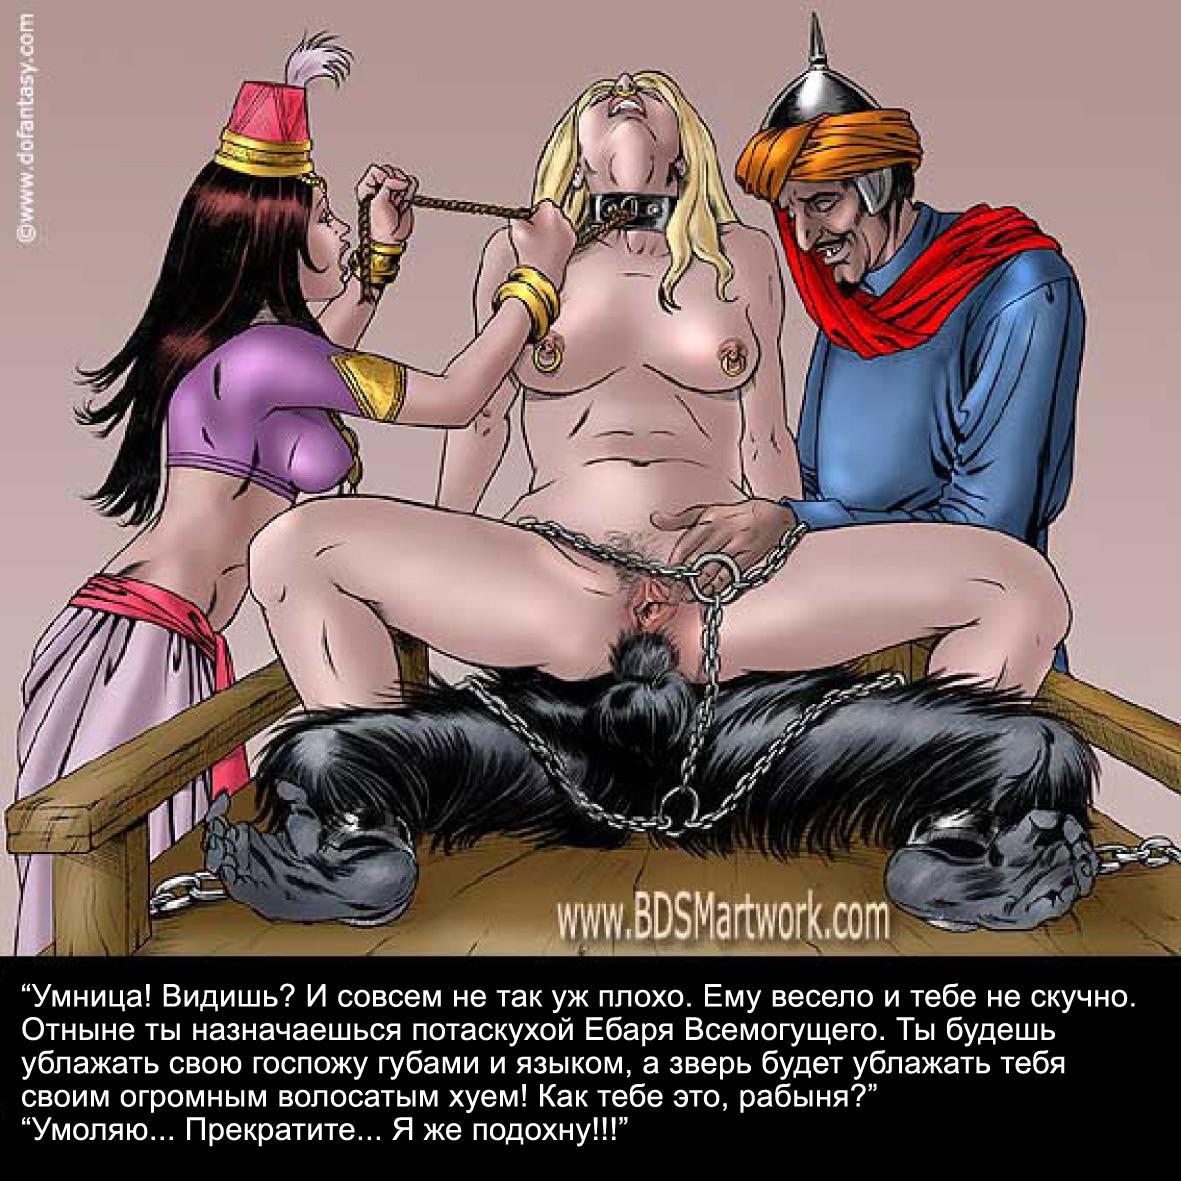 роскази я рабом порно стал